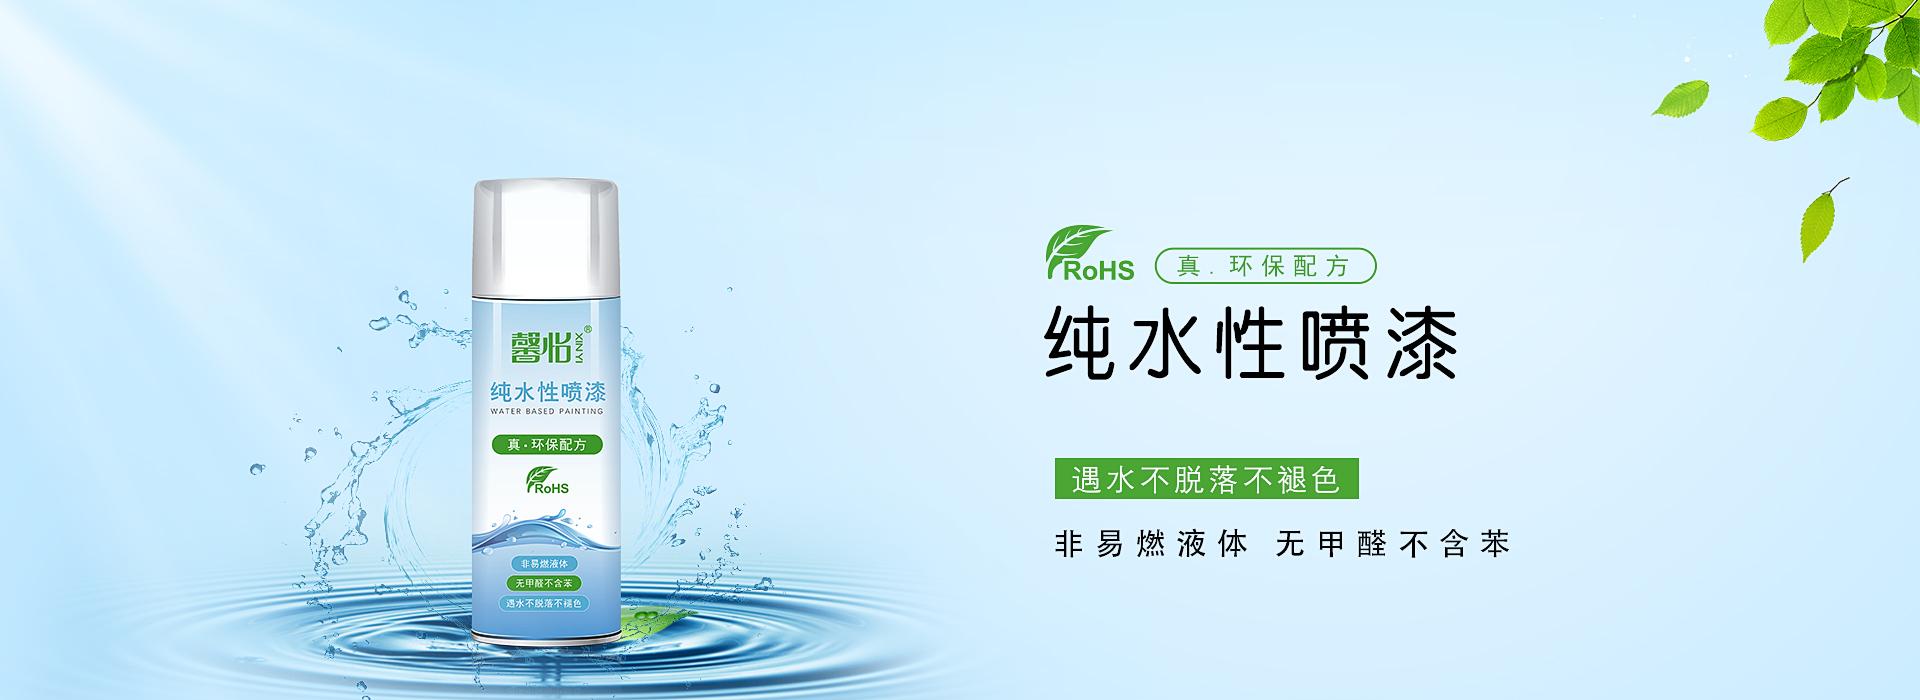 亿博2娱乐平台注册:汽车底盘装甲自亿博2娱乐平台